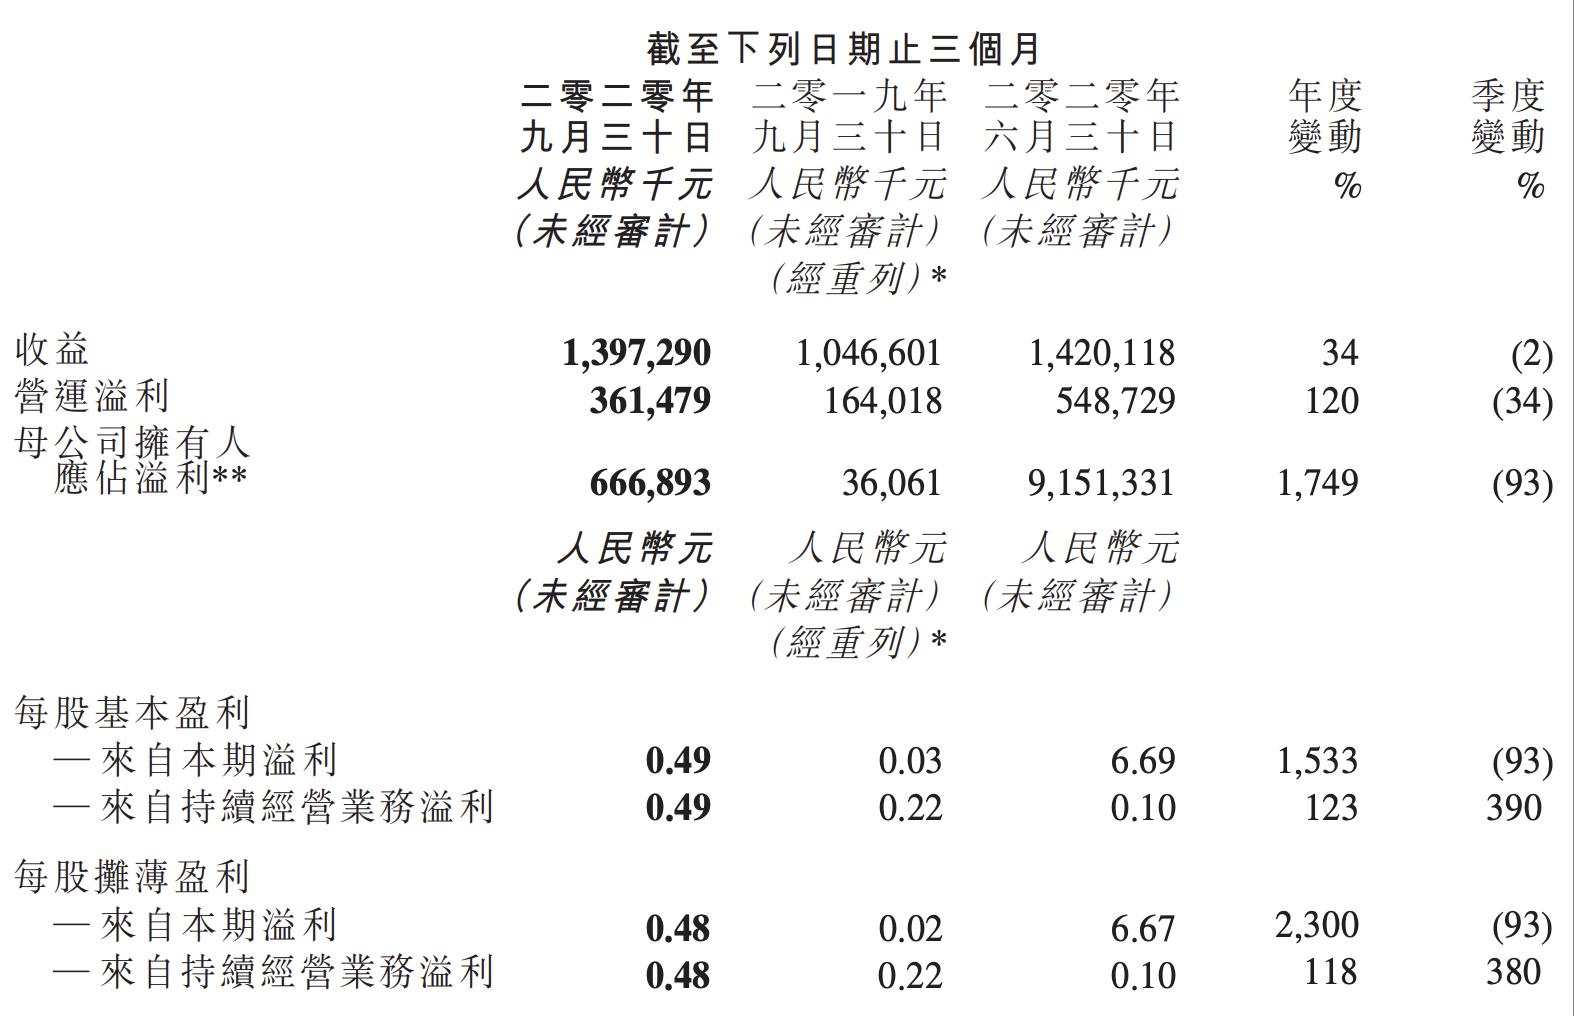 金山软件第三季度营收环比下滑2%,净利润同比增长1749%